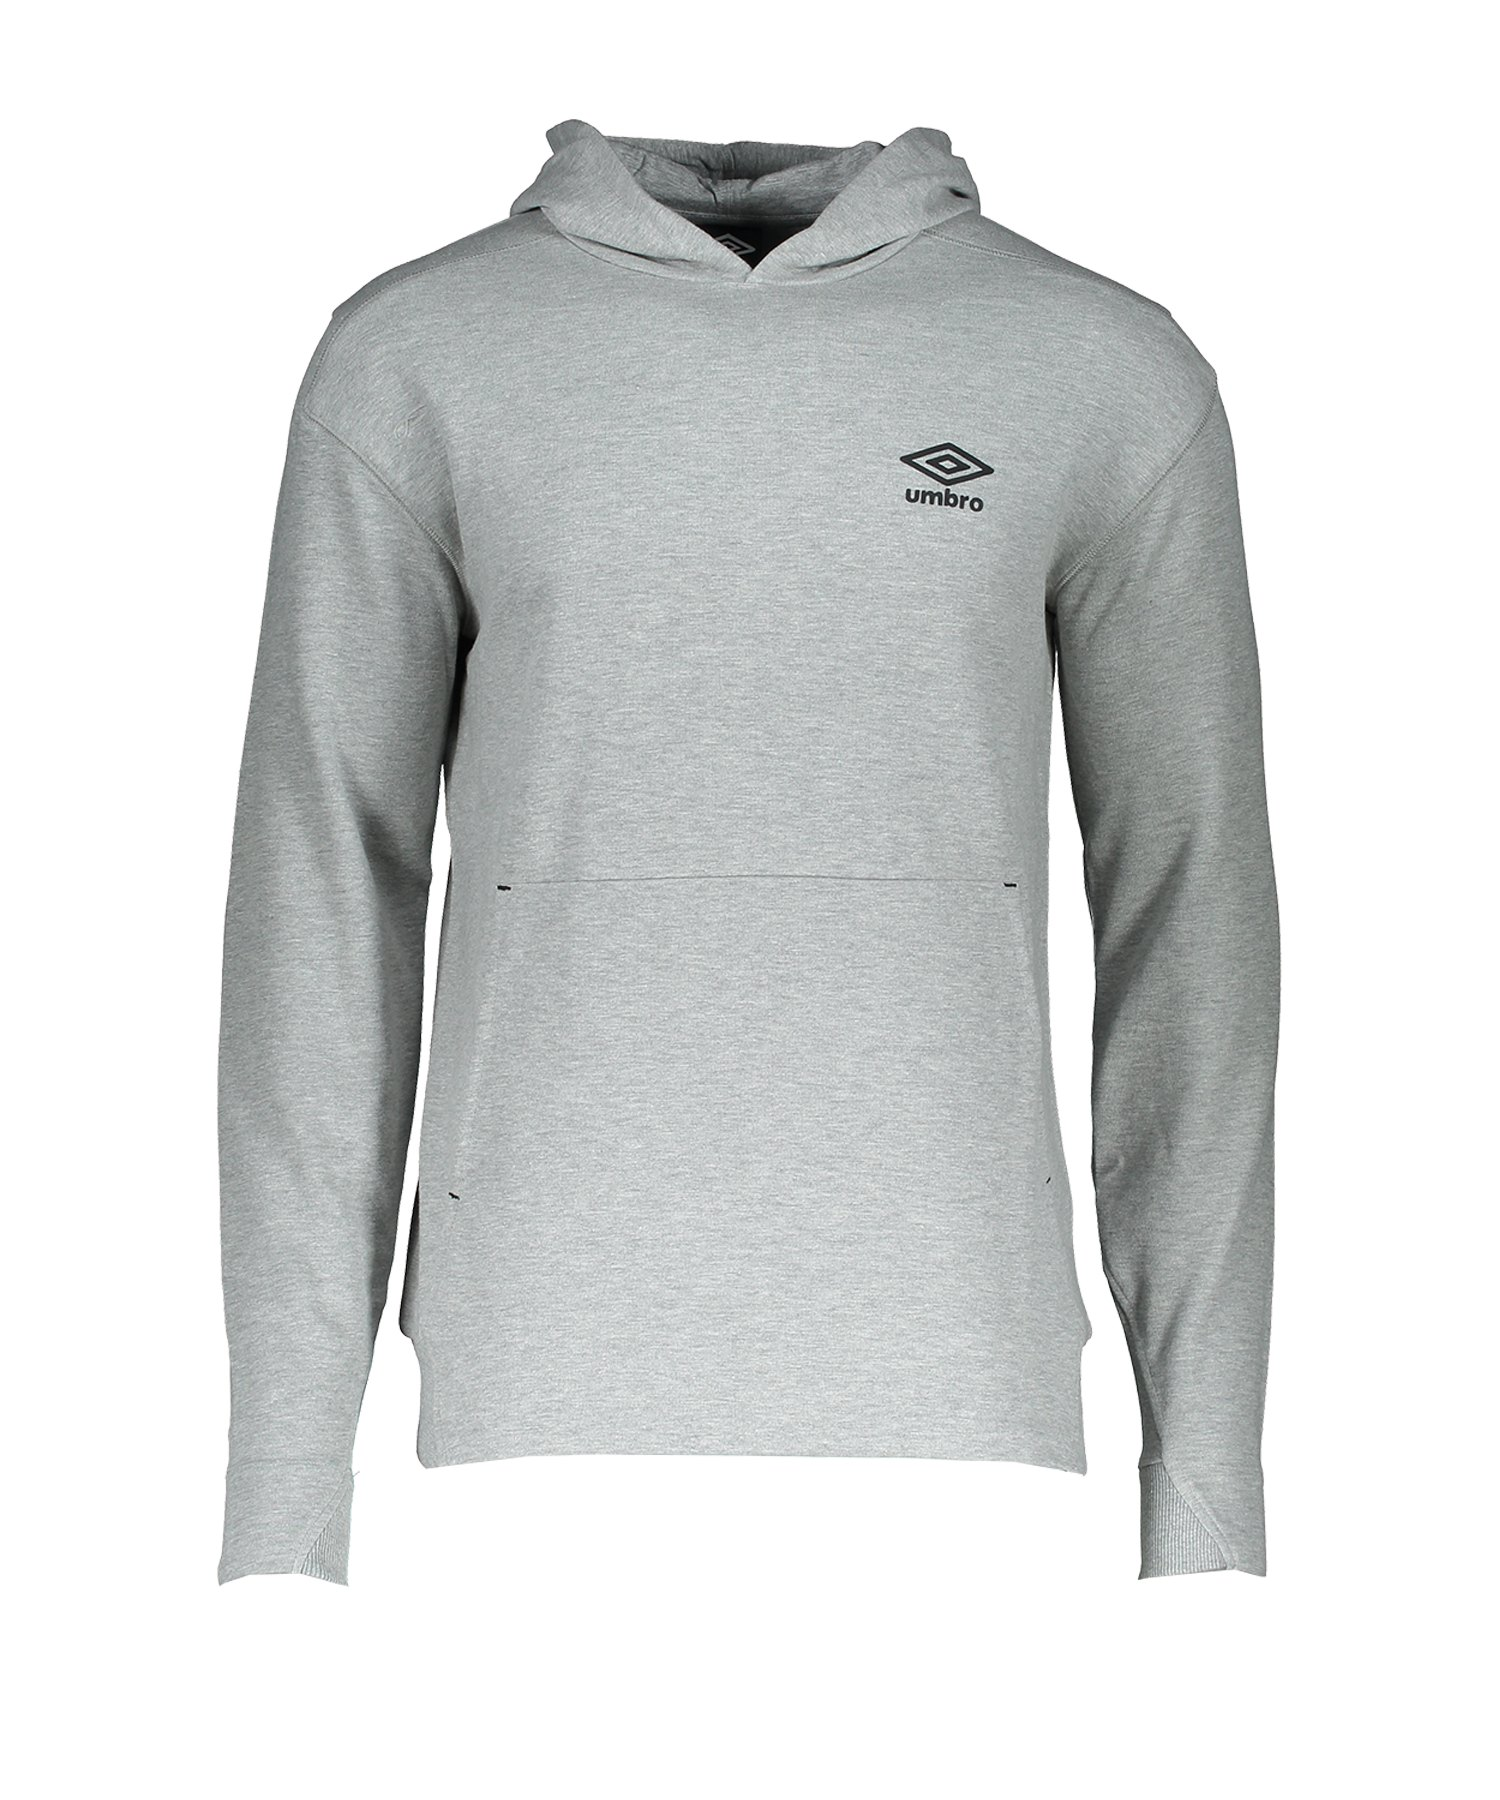 Umbro OH Hood Kapuzenpullover Grau F263 - Grau